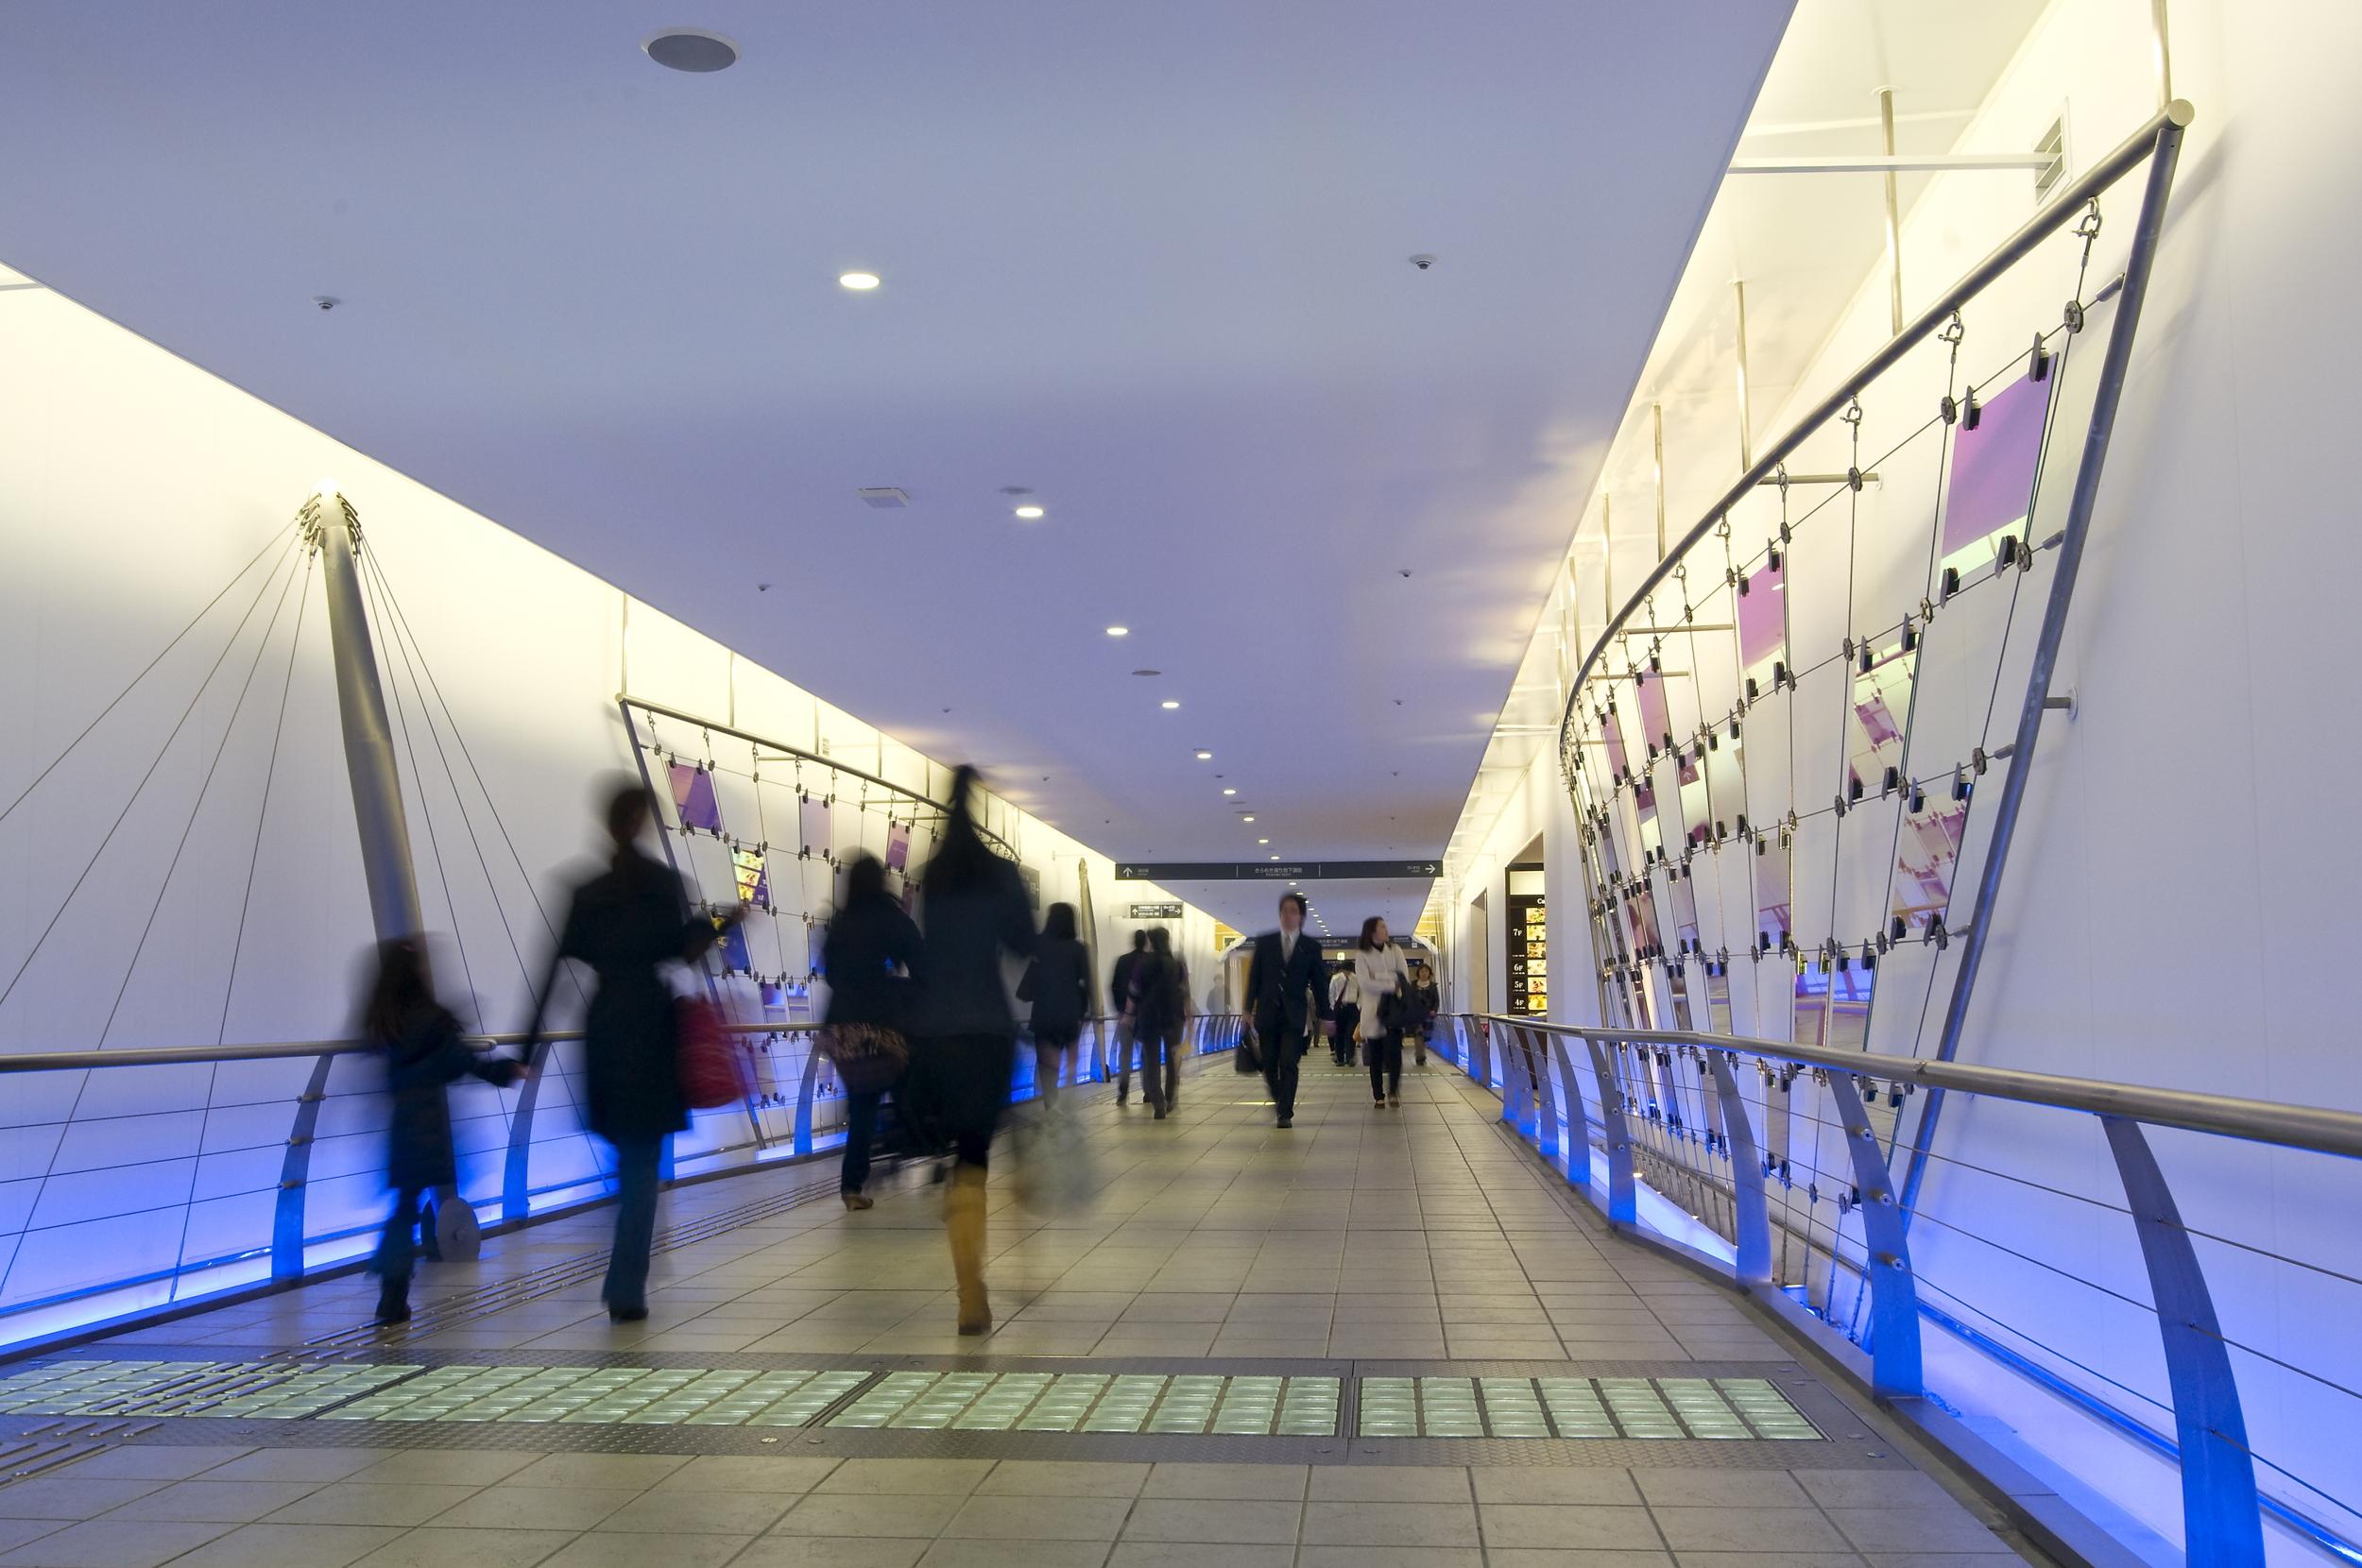 きらめき通り地下通路(2010)の画像